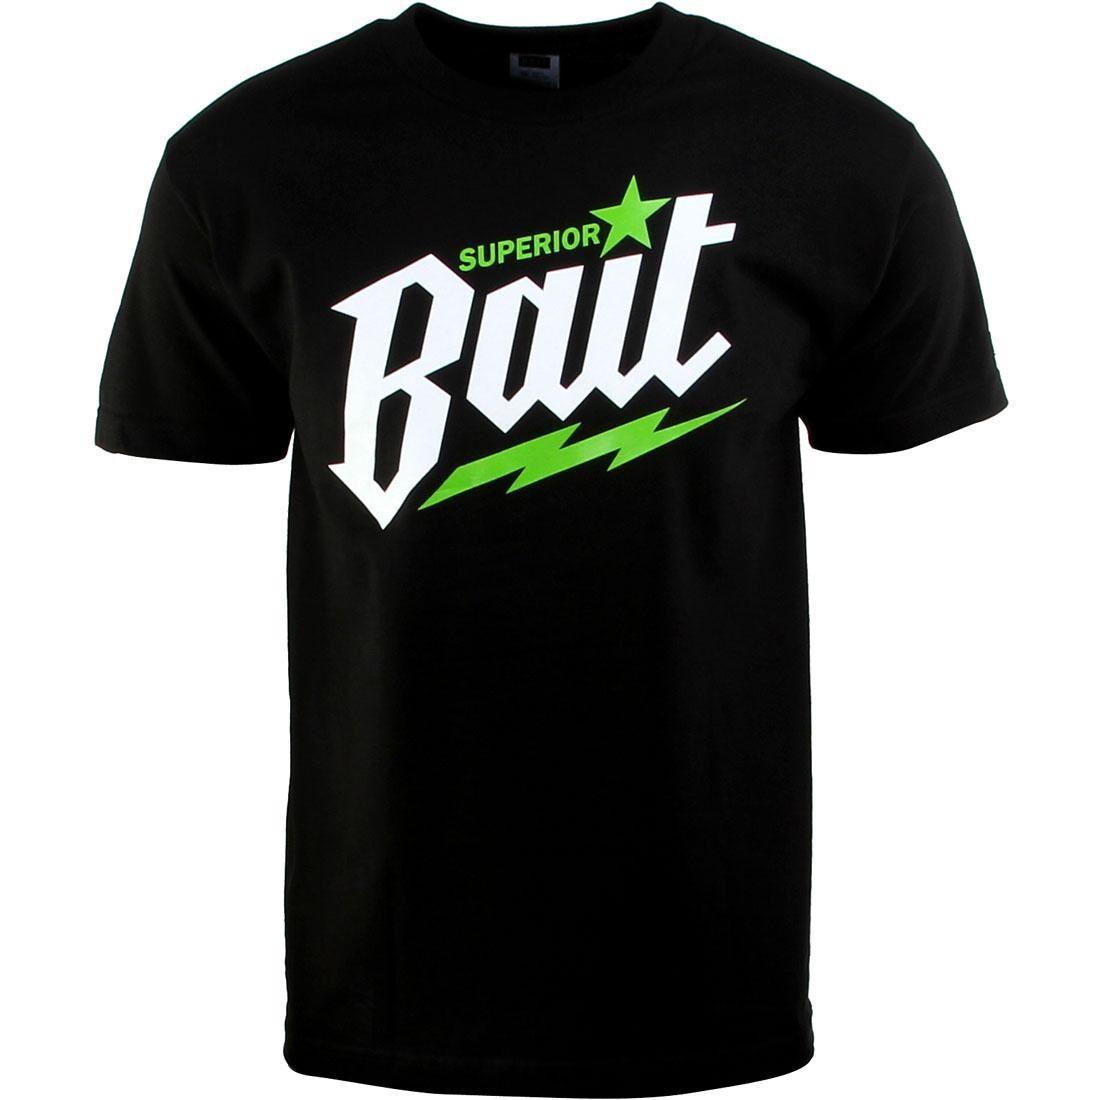 ベイト BAIT Tシャツ 白 ホワイト メンズファッション トップス カットソー メンズ 【 Superior Tee (black / White / Green) 】 Black / White / Green